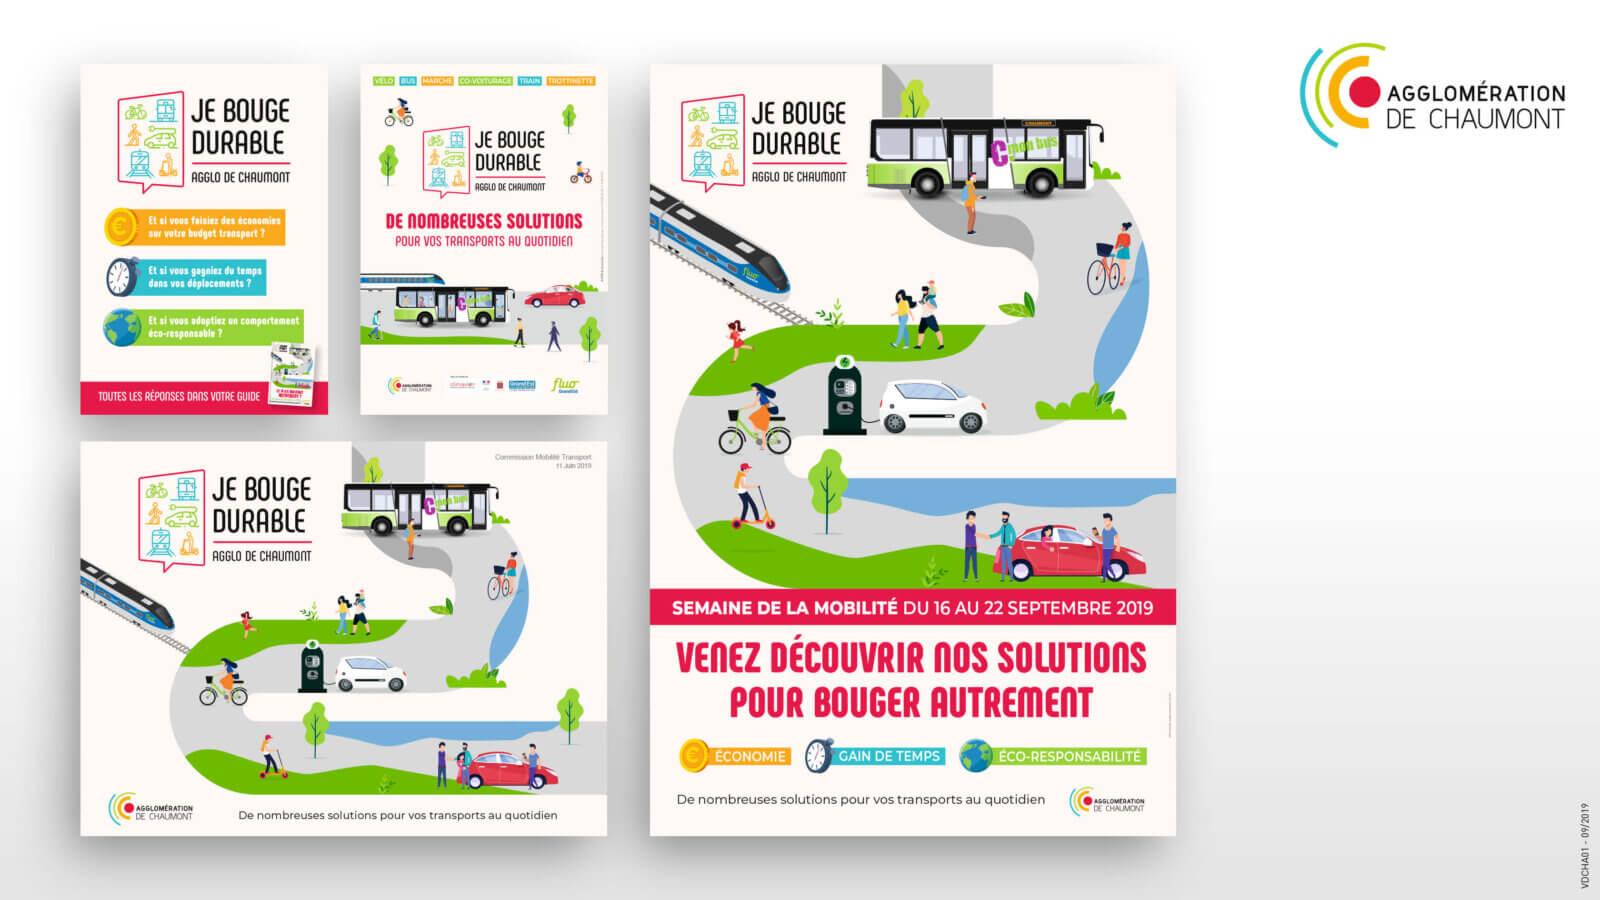 Création d'un kit de communication pour la ville de chaumont